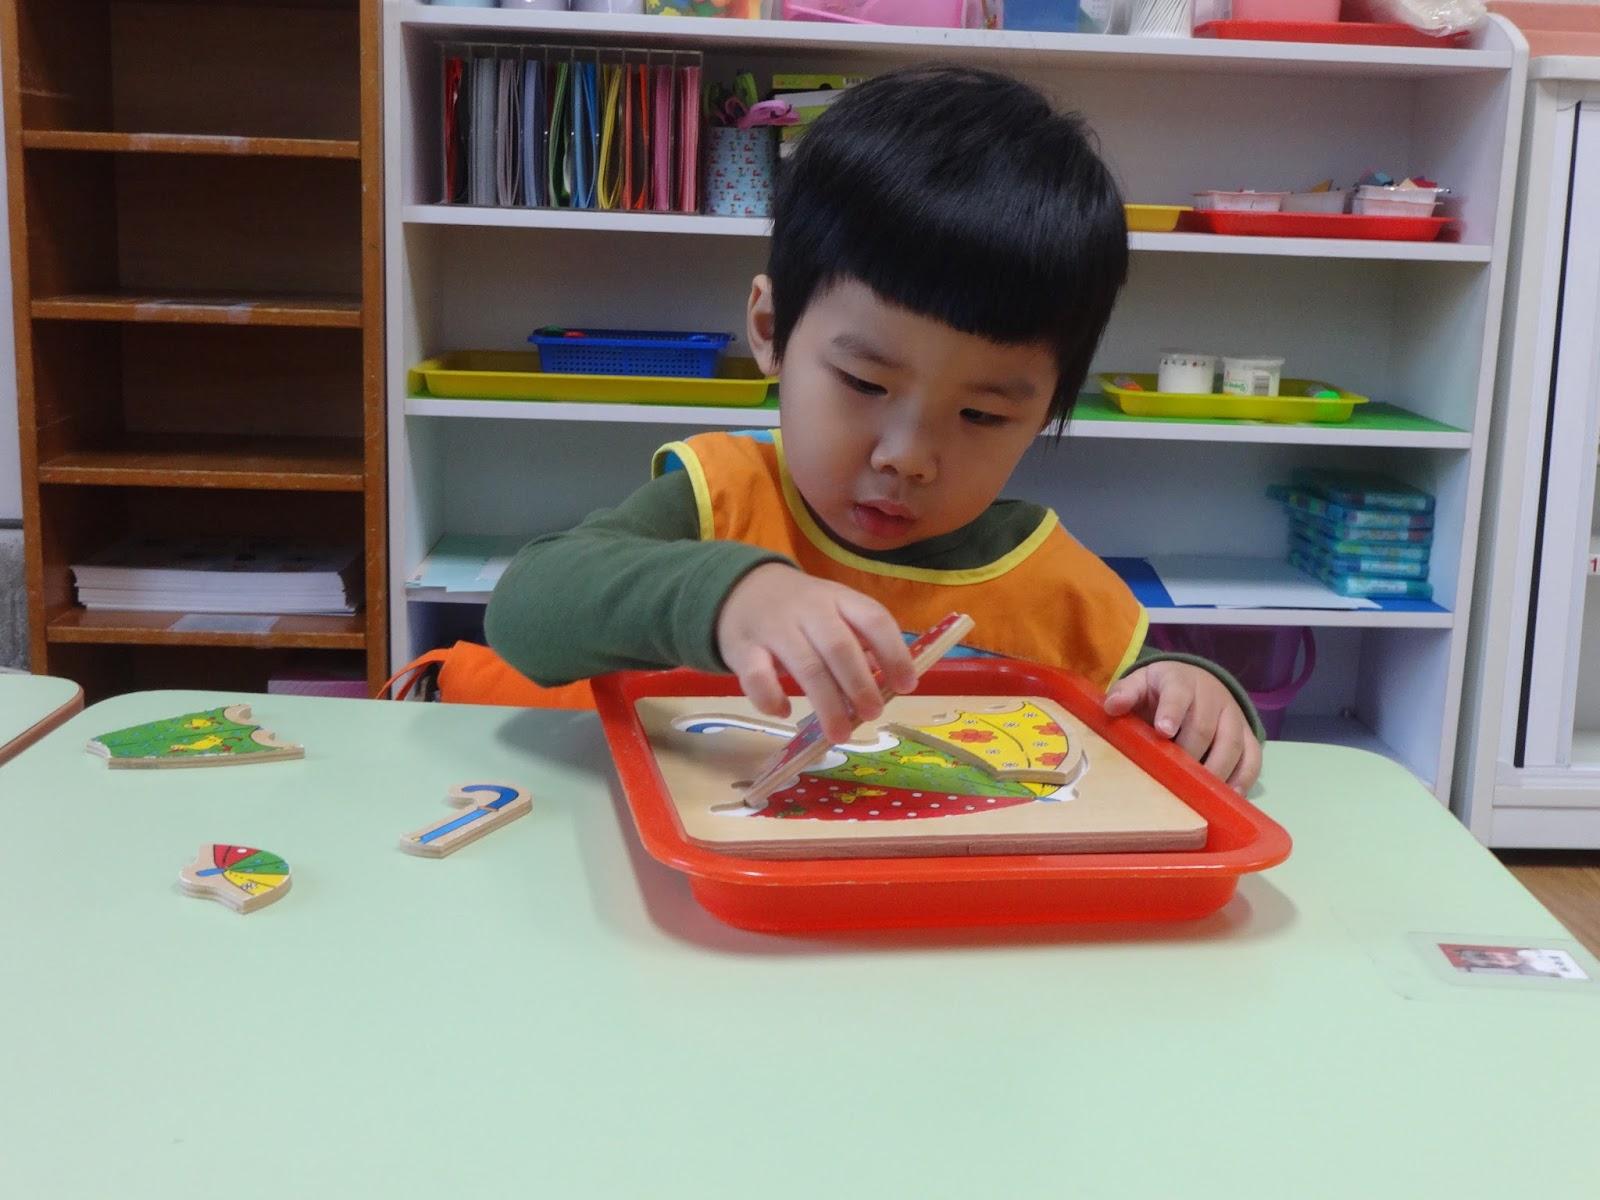 天真可愛的松鼠新天地: 學習區活動